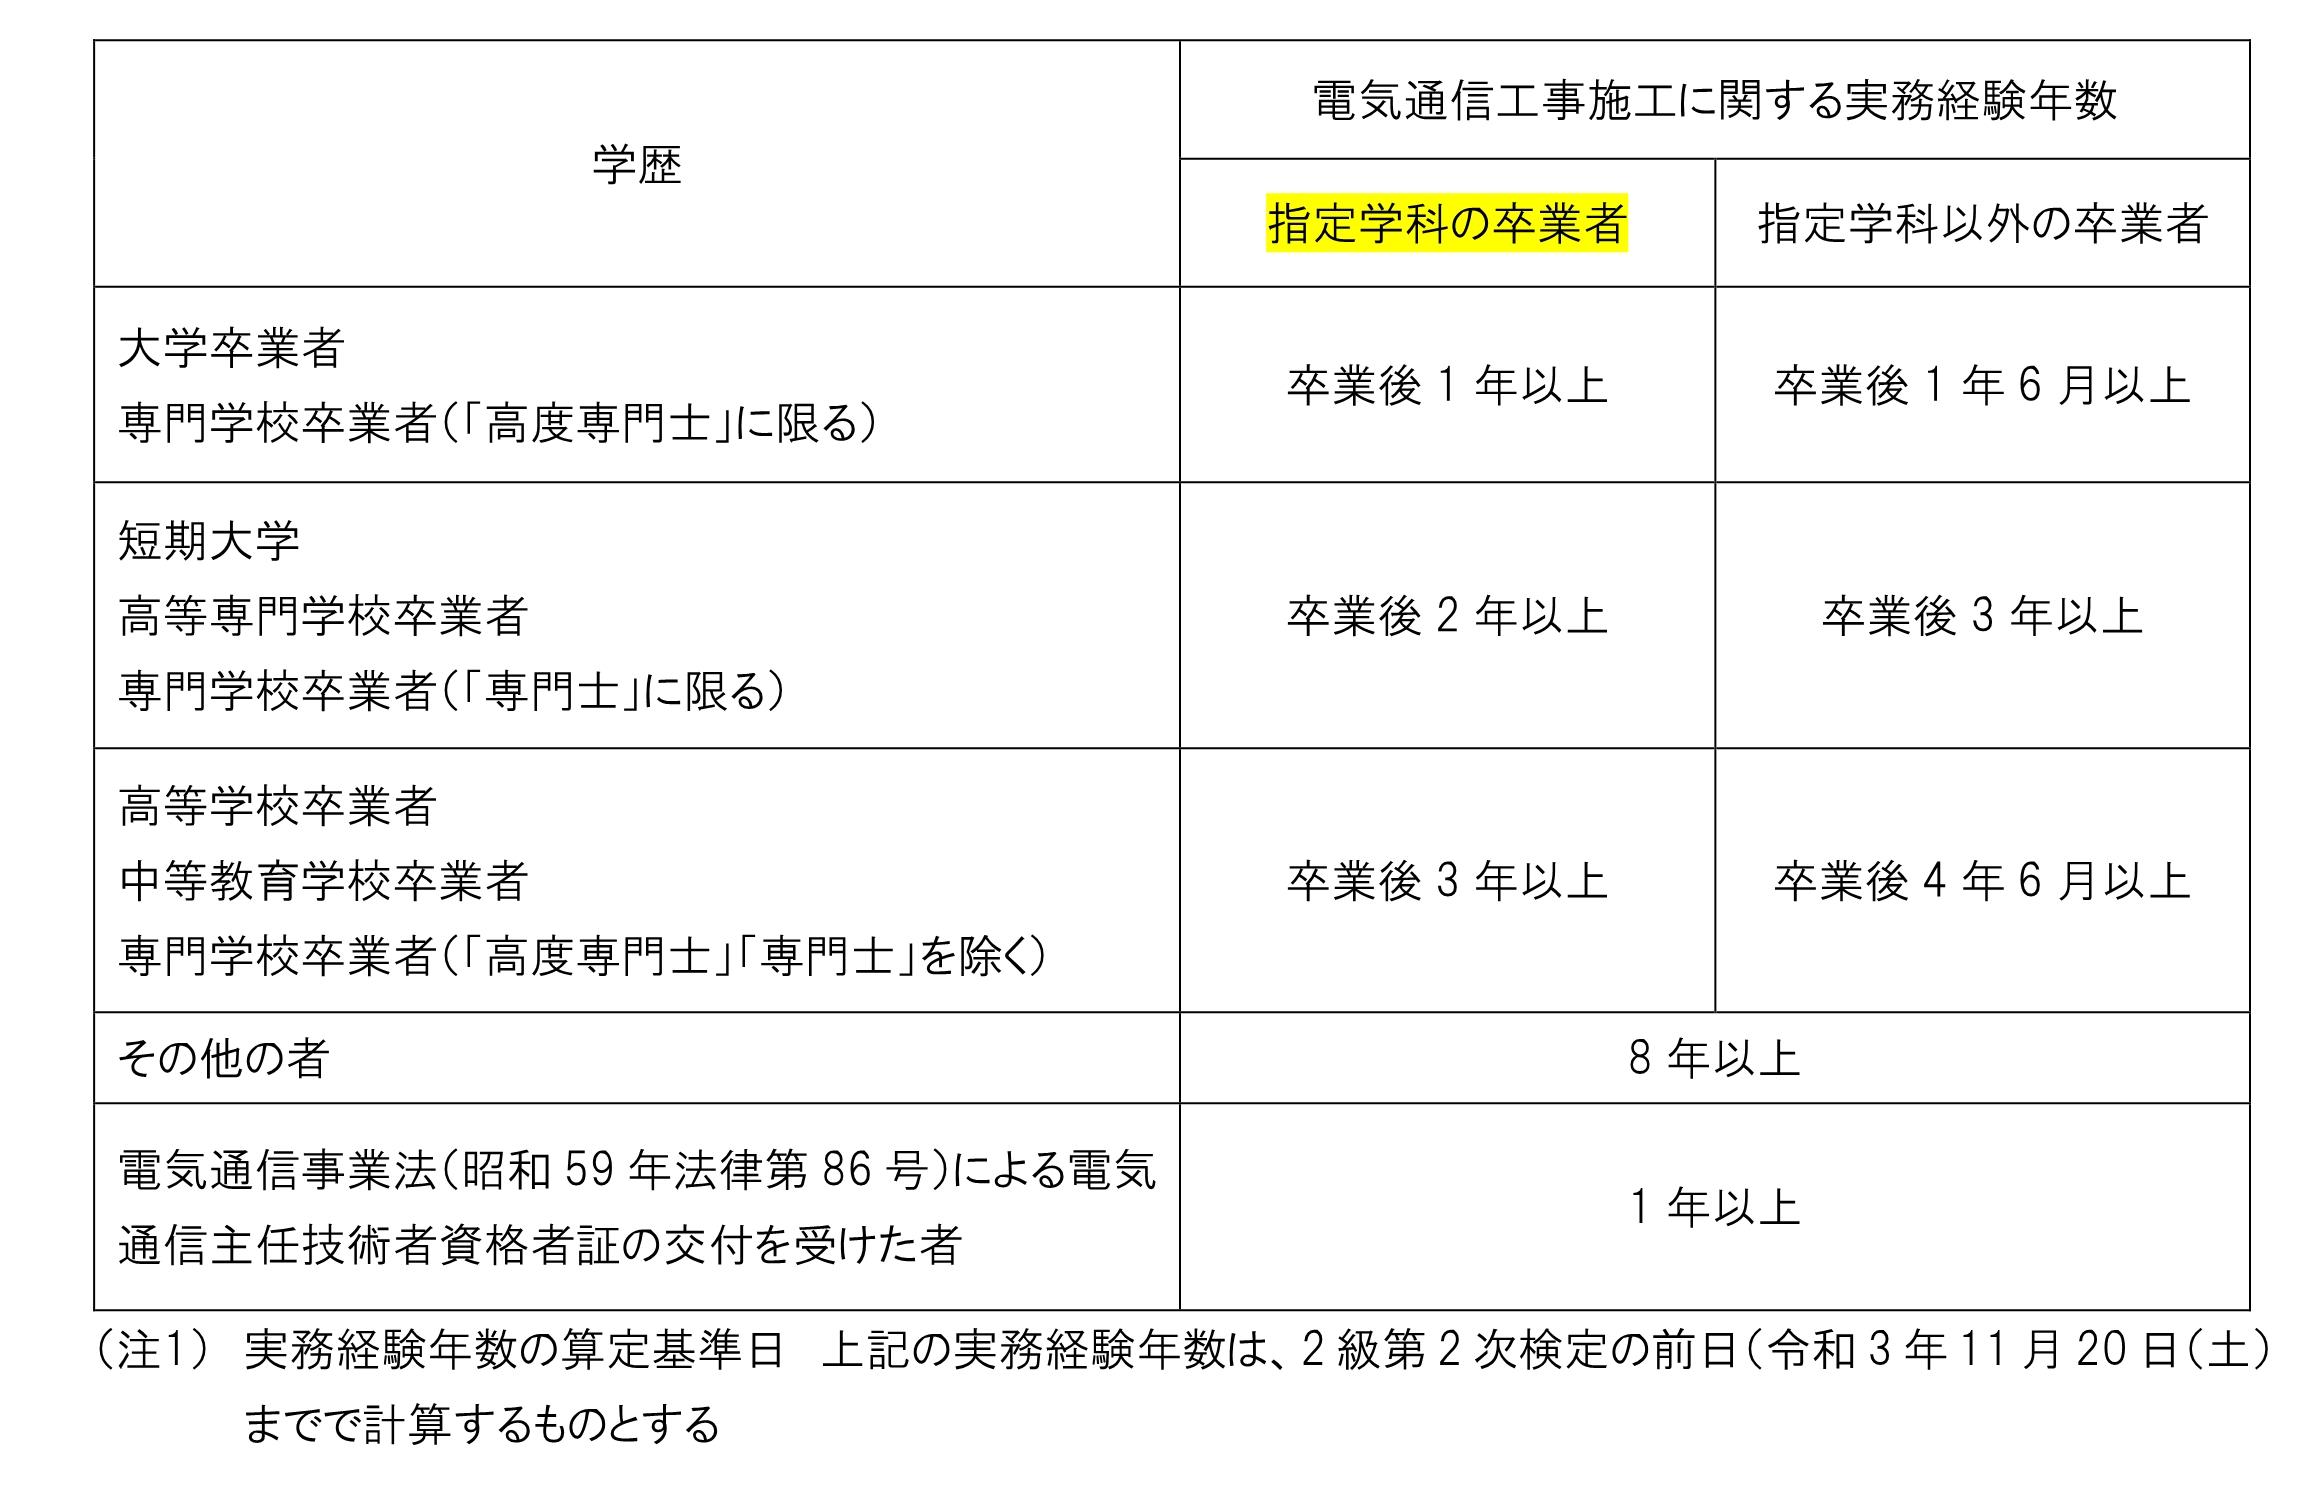 施工 電気 技士 工事 通信 管理 1級電気通信工事施工管理技術検定